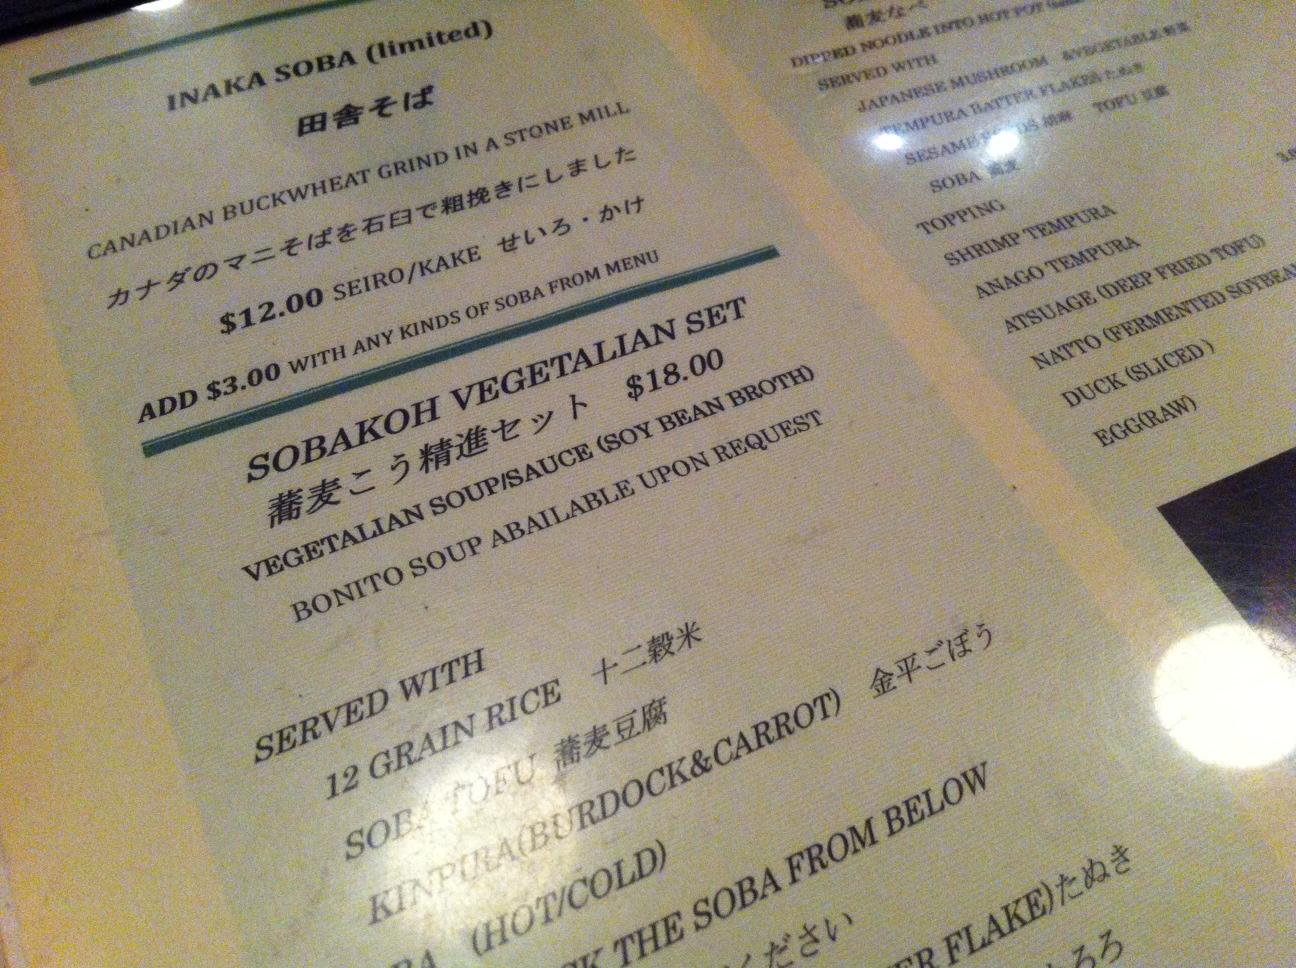 SobaKoh menu